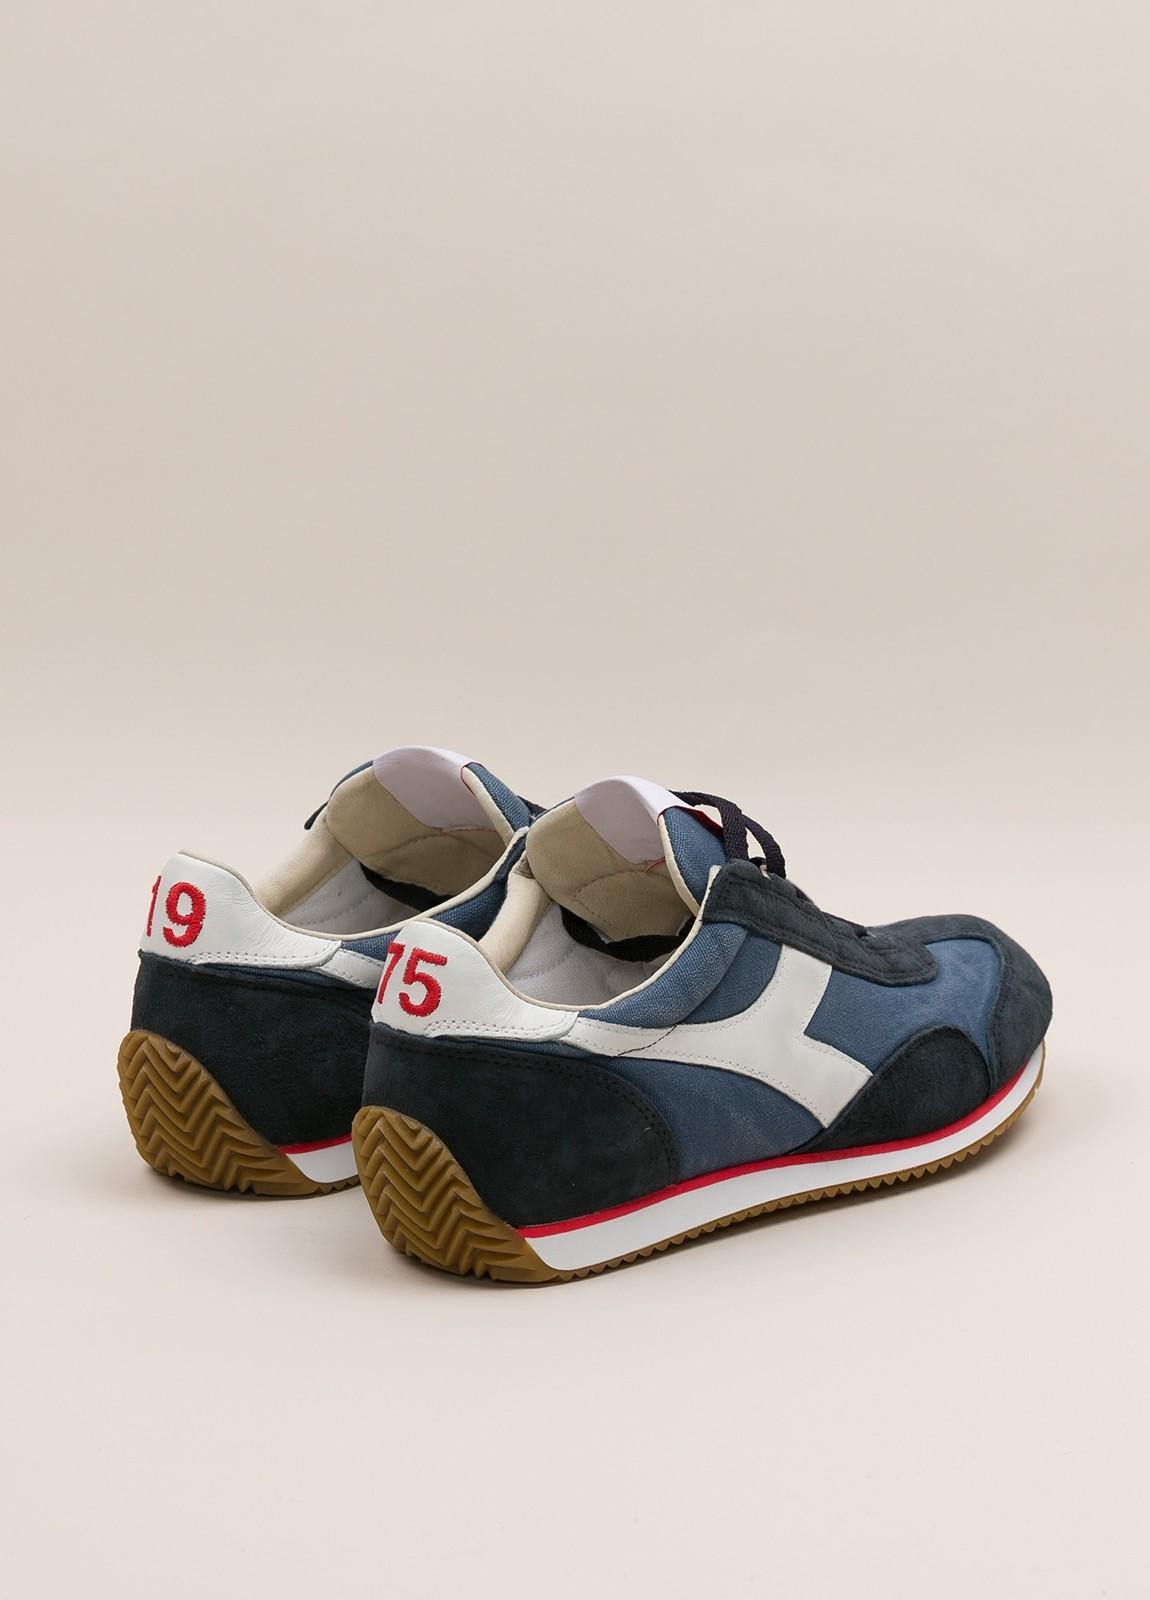 Sneakers DIADORA color azul - Ítem1